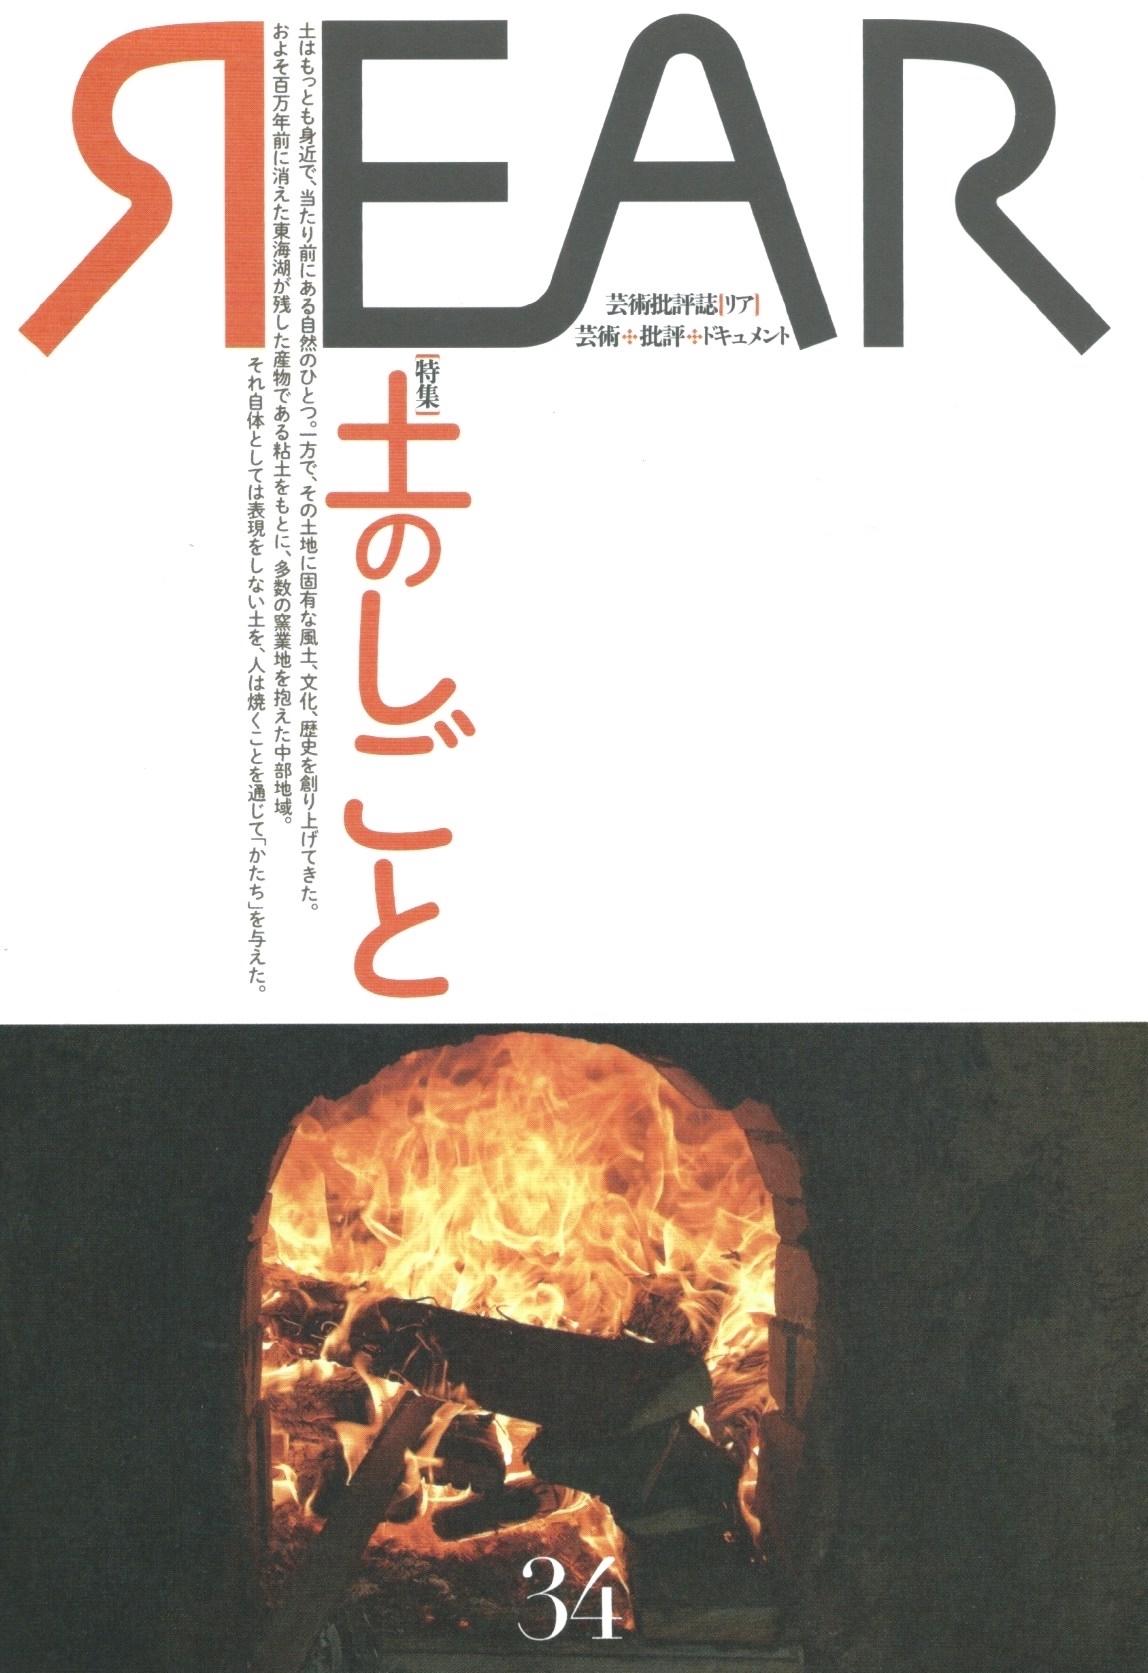 REAR no.34 土の仕事